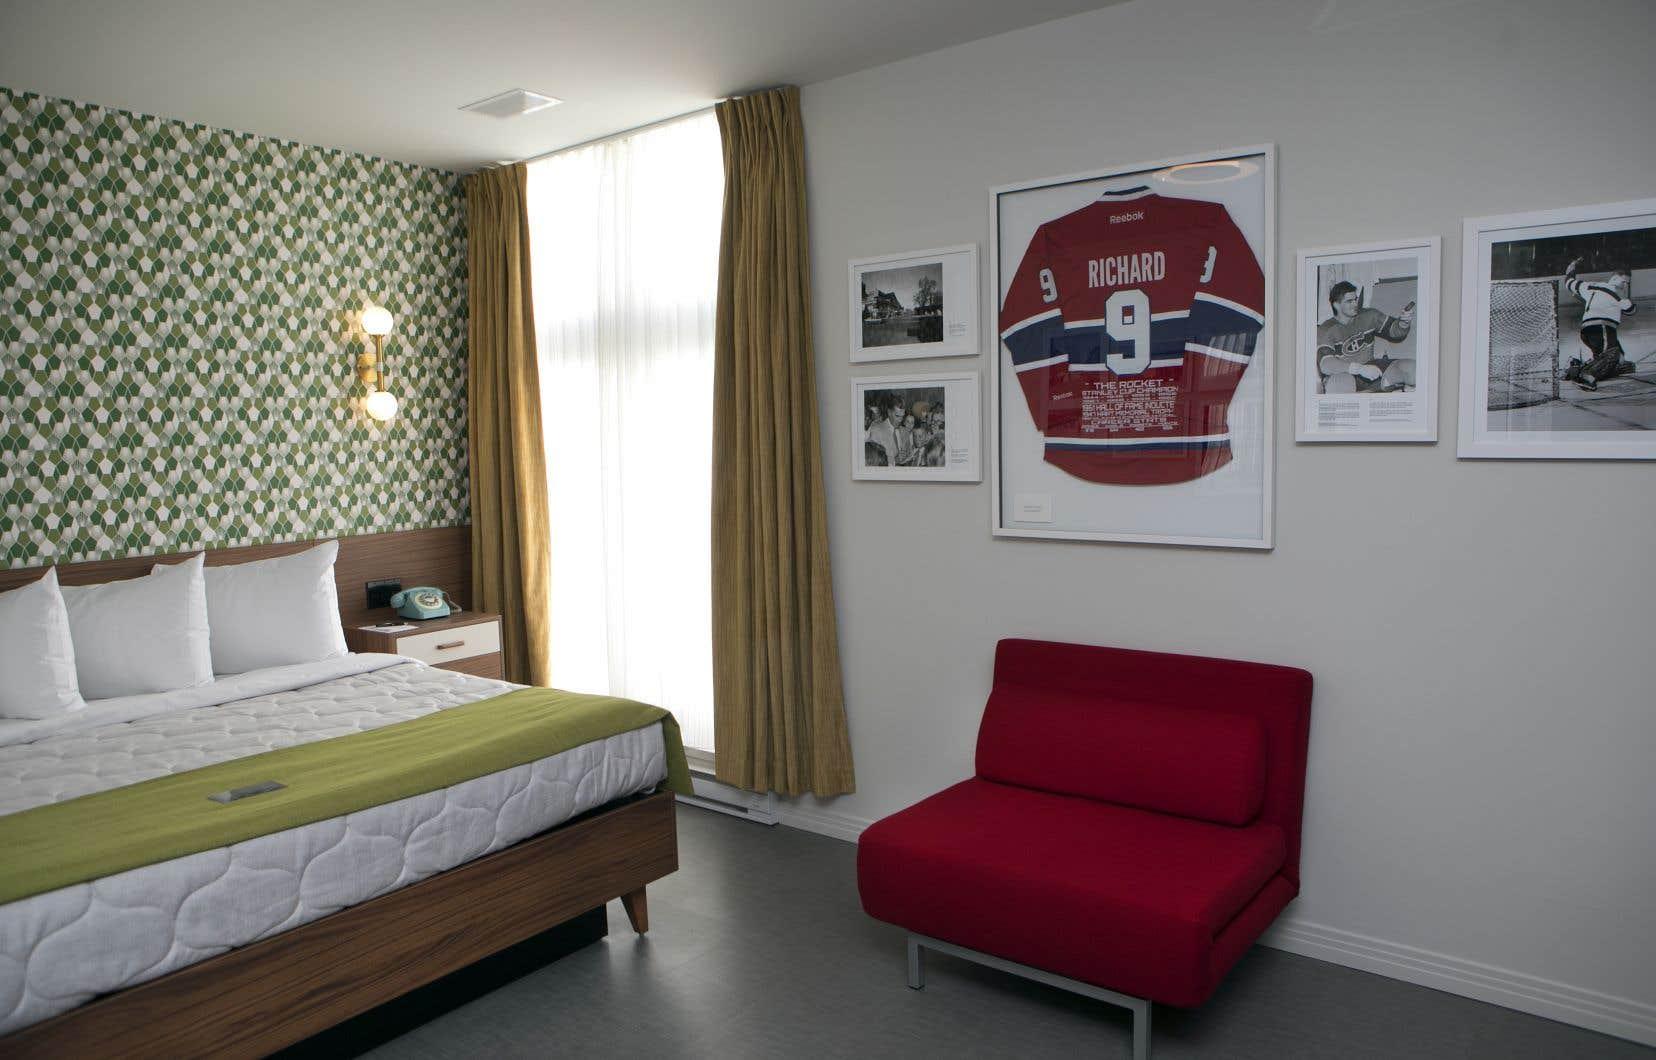 Au 4e étage, une chambre porte les couleurs de la Sainte-Flanelle et rend hommage  à Maurice Richard. Mais fierté et nostalgie partagent la scène sur les quatre étages de l'immeuble, qui se parcourent comme  un musée.